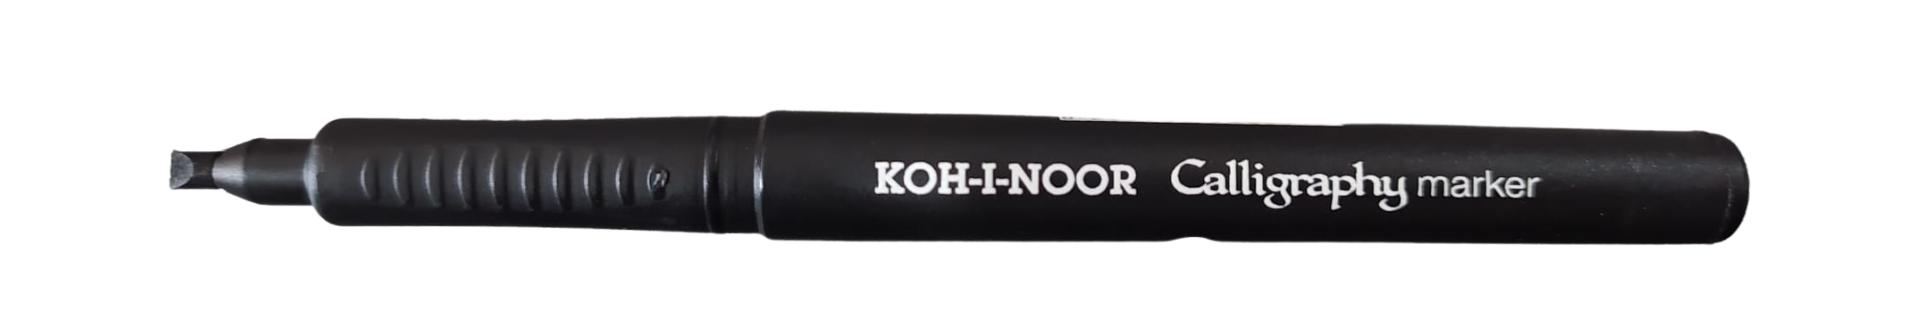 Koh-I-Noor Calligraphy Marker